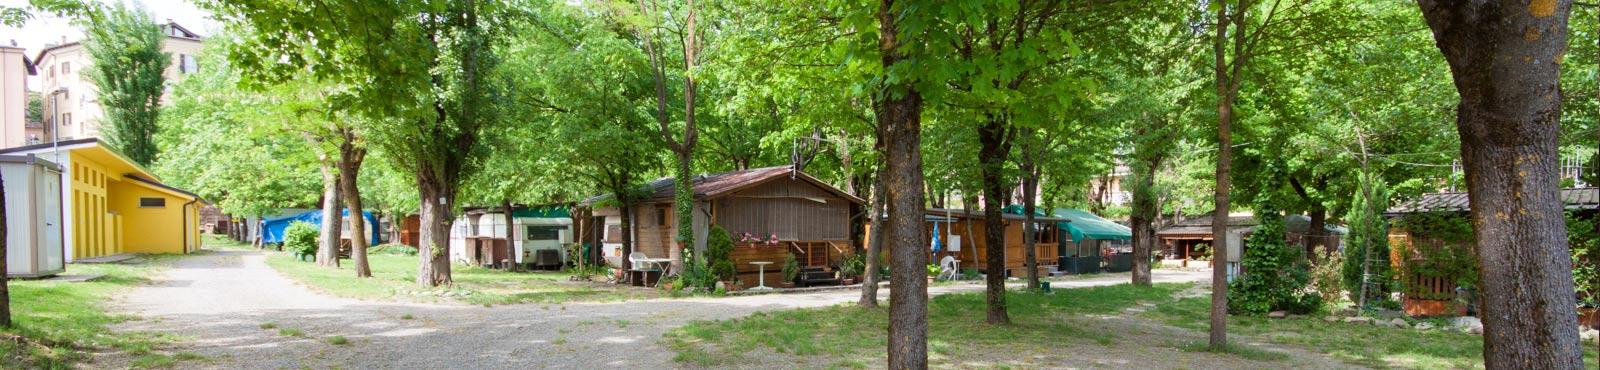 Camping3small